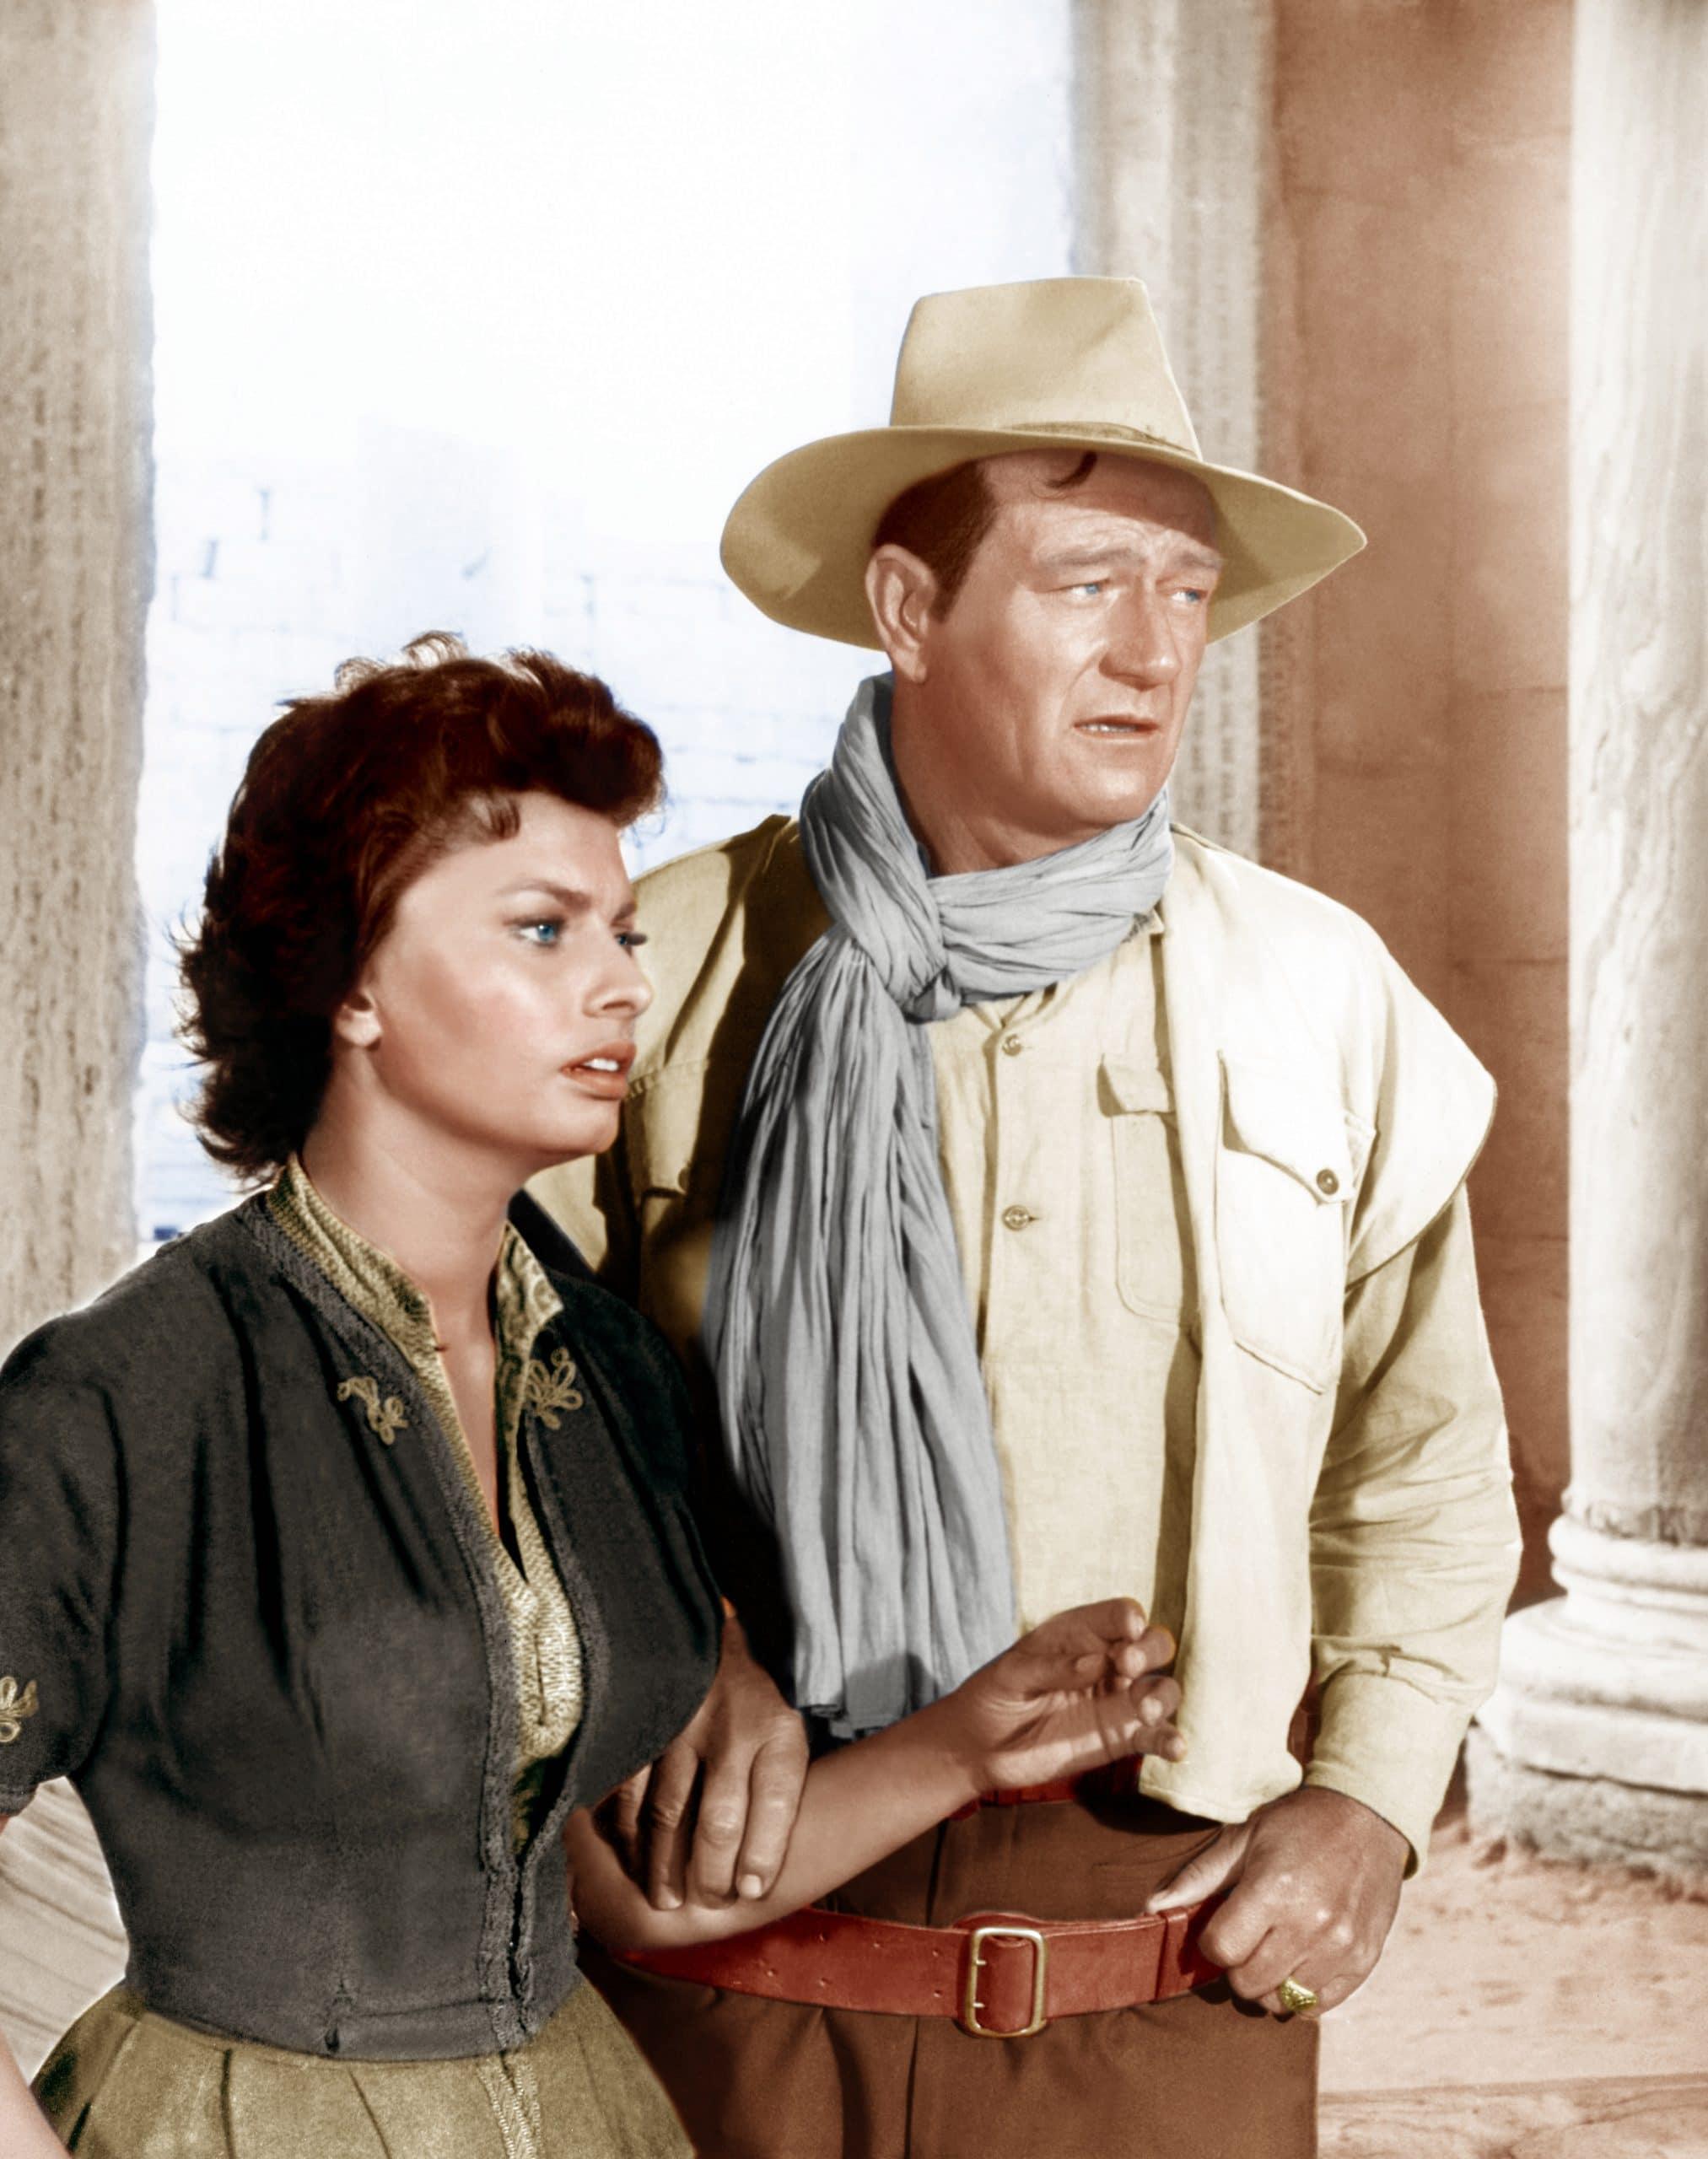 LEGEND OF THE LOST, from left: Sophia Loren, John Wayne, 1957